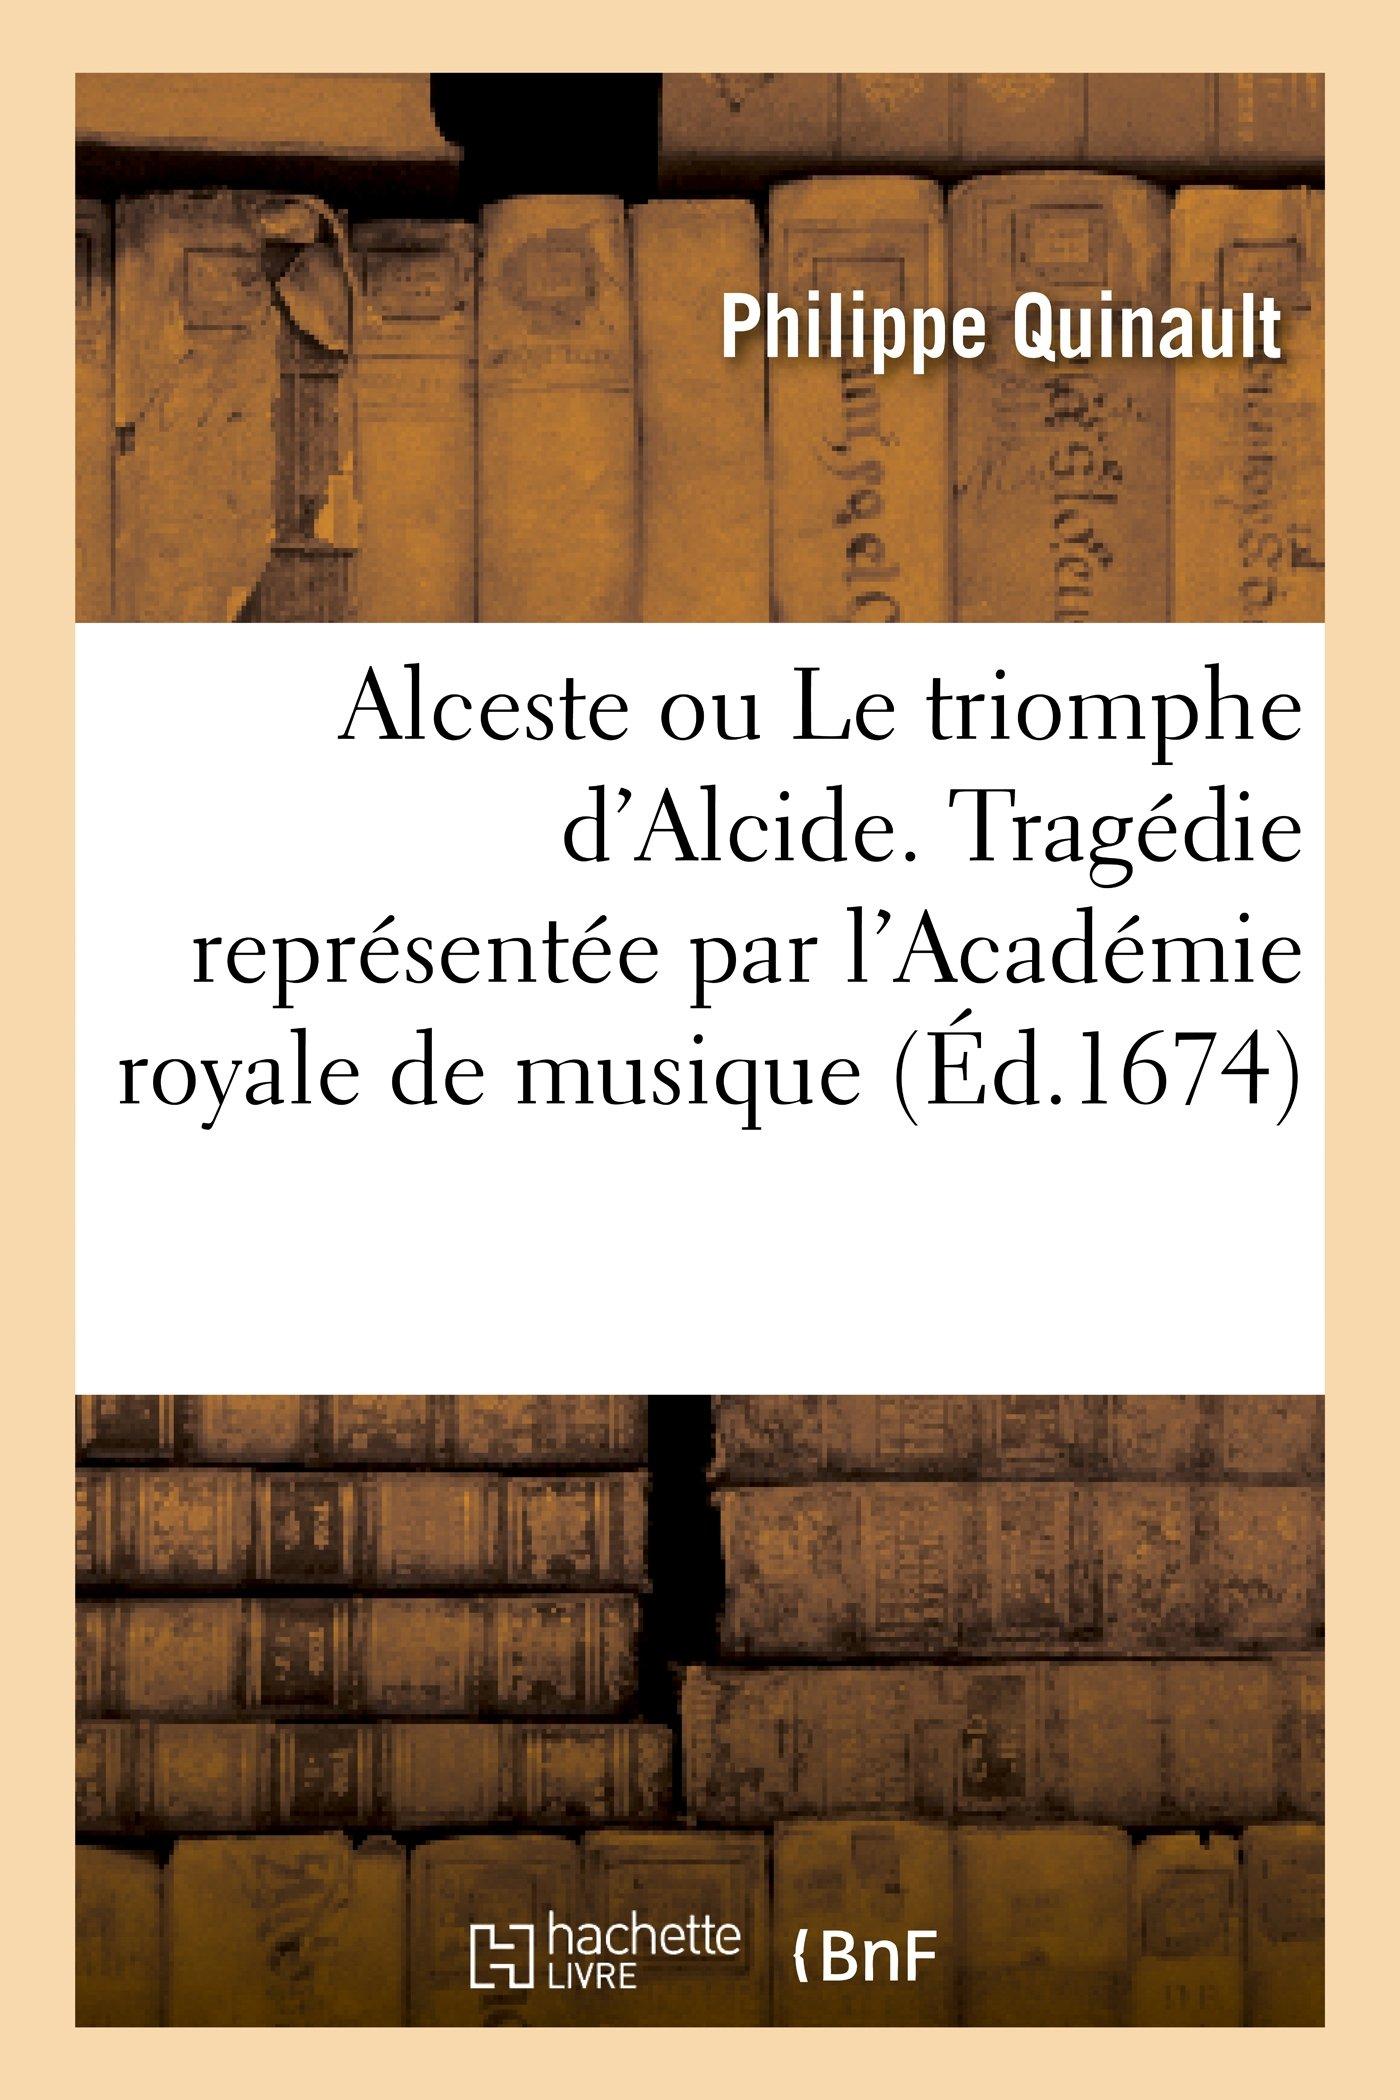 Alceste Ou Le Triomphe D Alcide. Tragedie Representee Par L Academie Royale de Musique (Ed.1674) (Litterature) (French Edition)